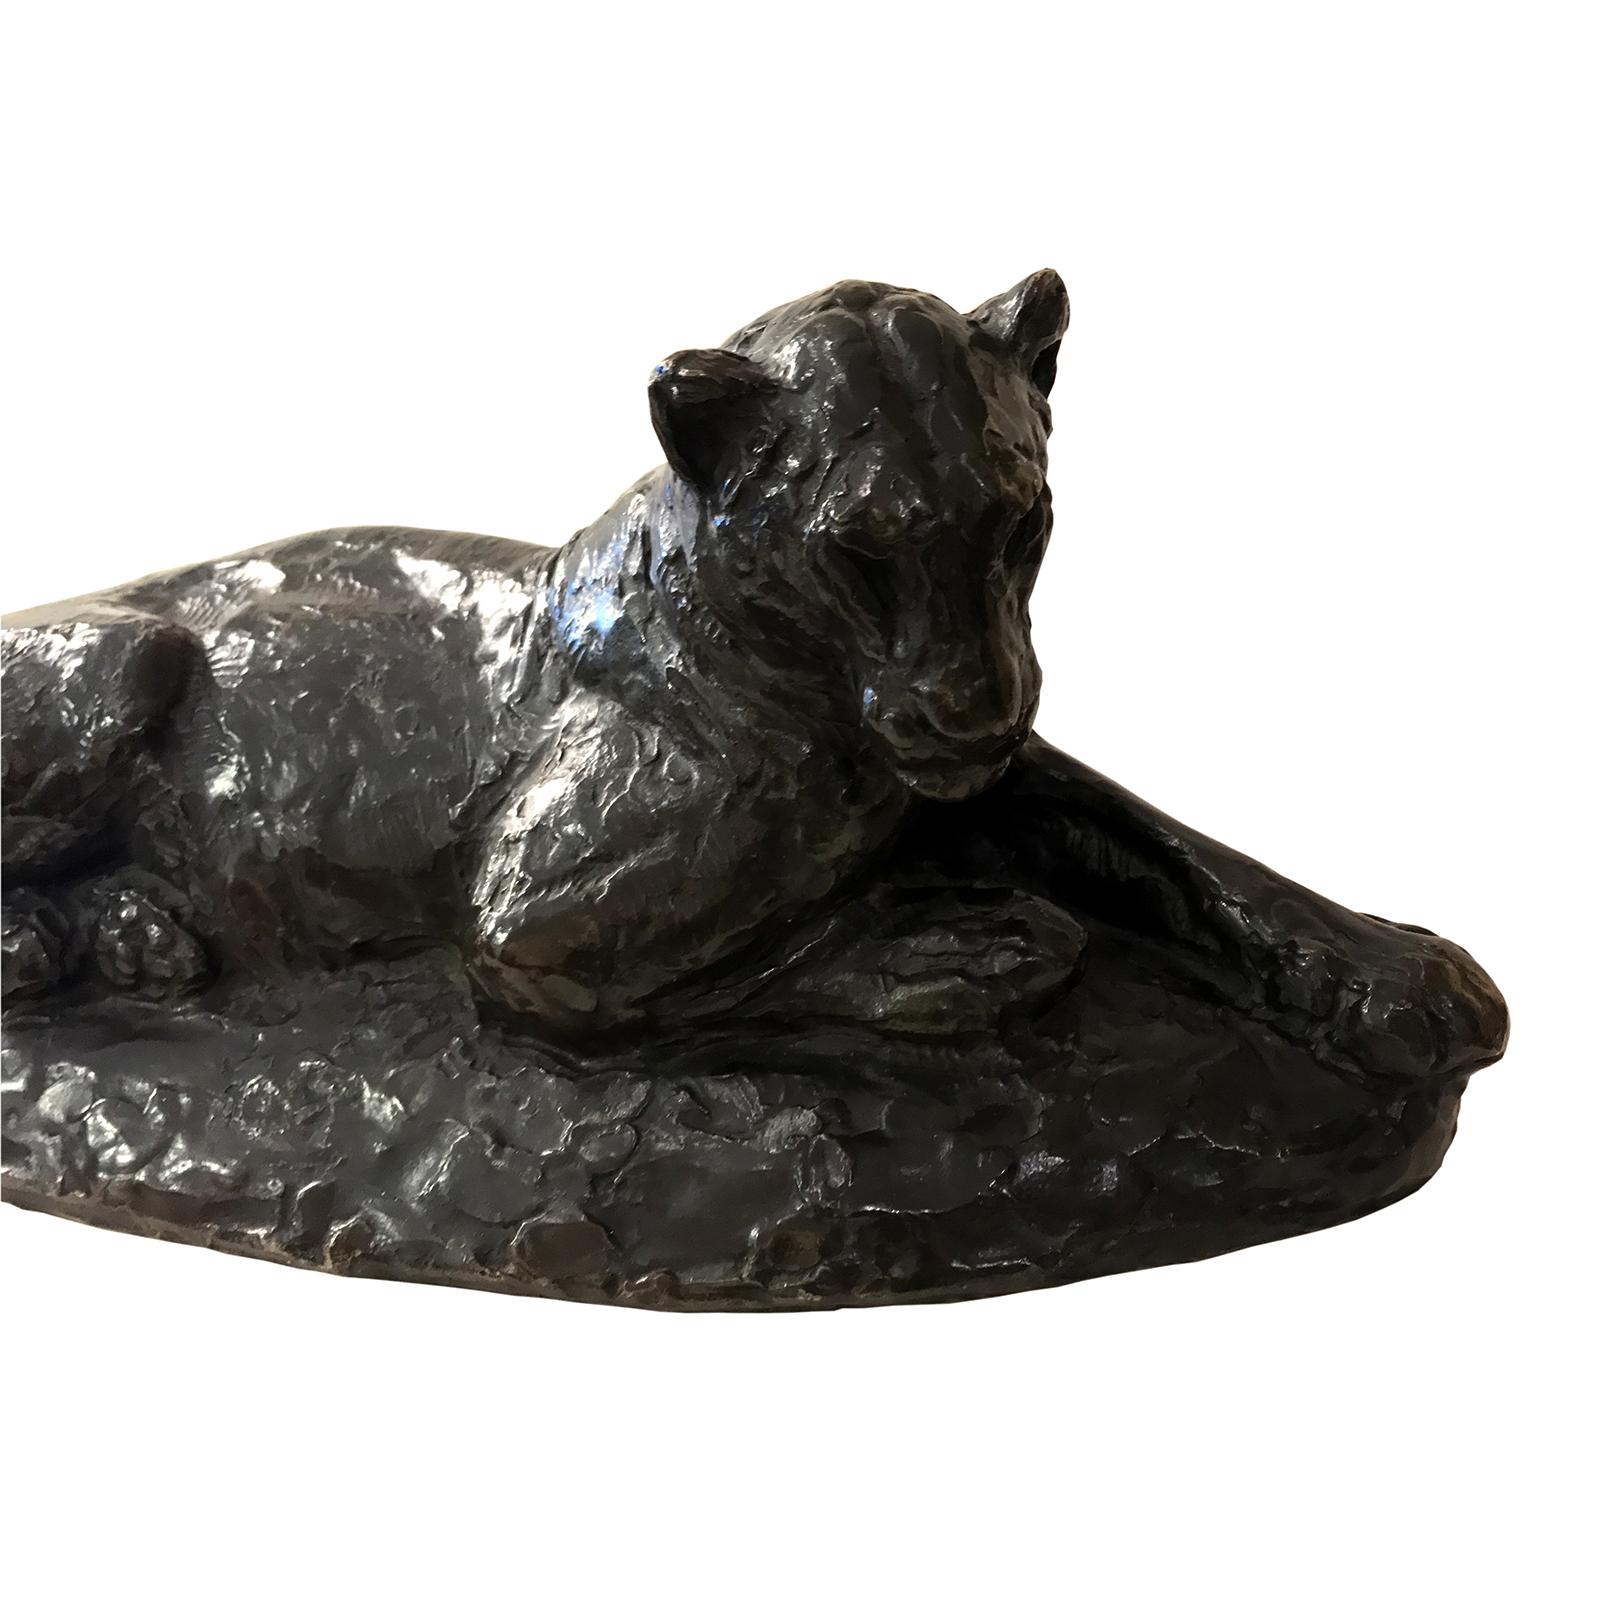 Roger Godchaux sculpture bronze lionne couchee 2